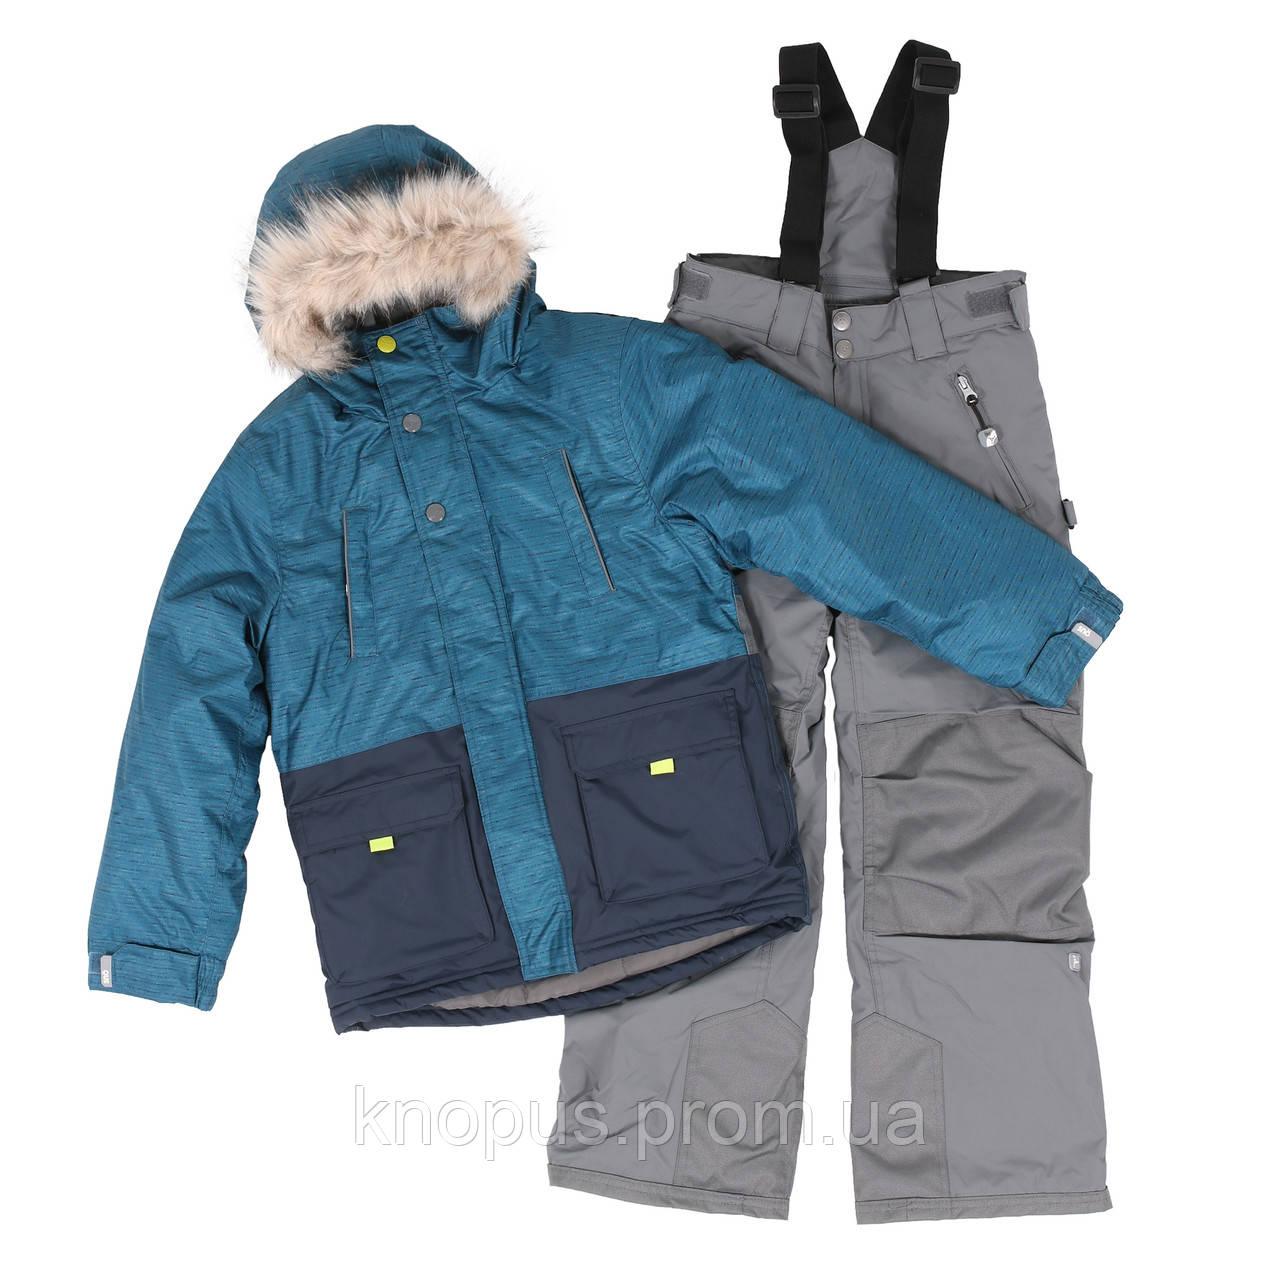 Зимний комплект для мальчика, SNO (Nano). Размеры 128-170, на рост 124-173